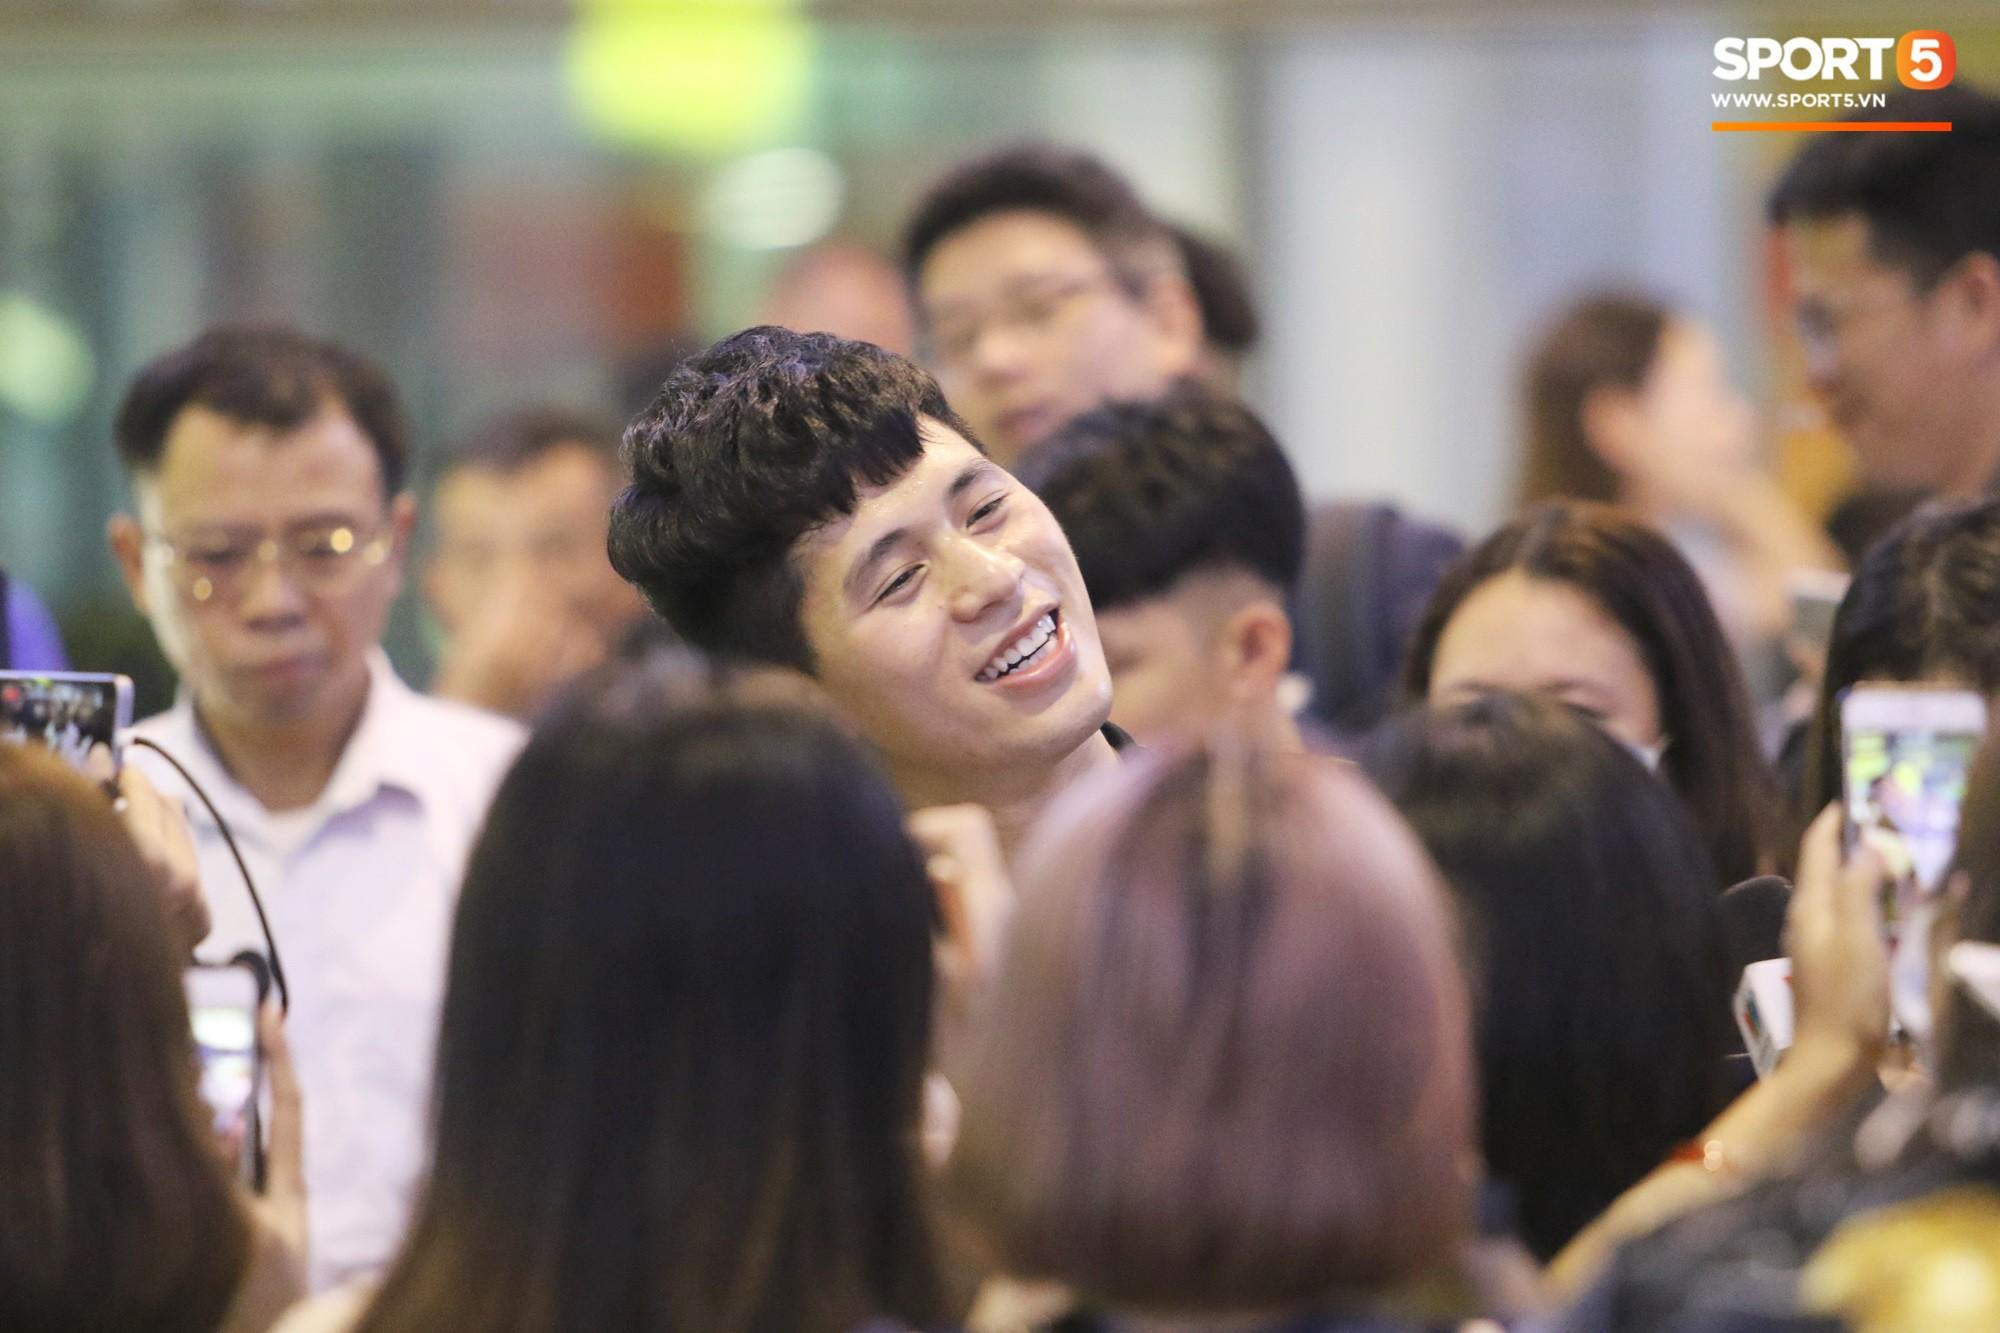 Trở về sau 3 tháng dưỡng thương tại Hàn Quốc, Đình Trọng khiến sân bay Nội Bài náo loạn lúc nửa đêm - Ảnh 1.